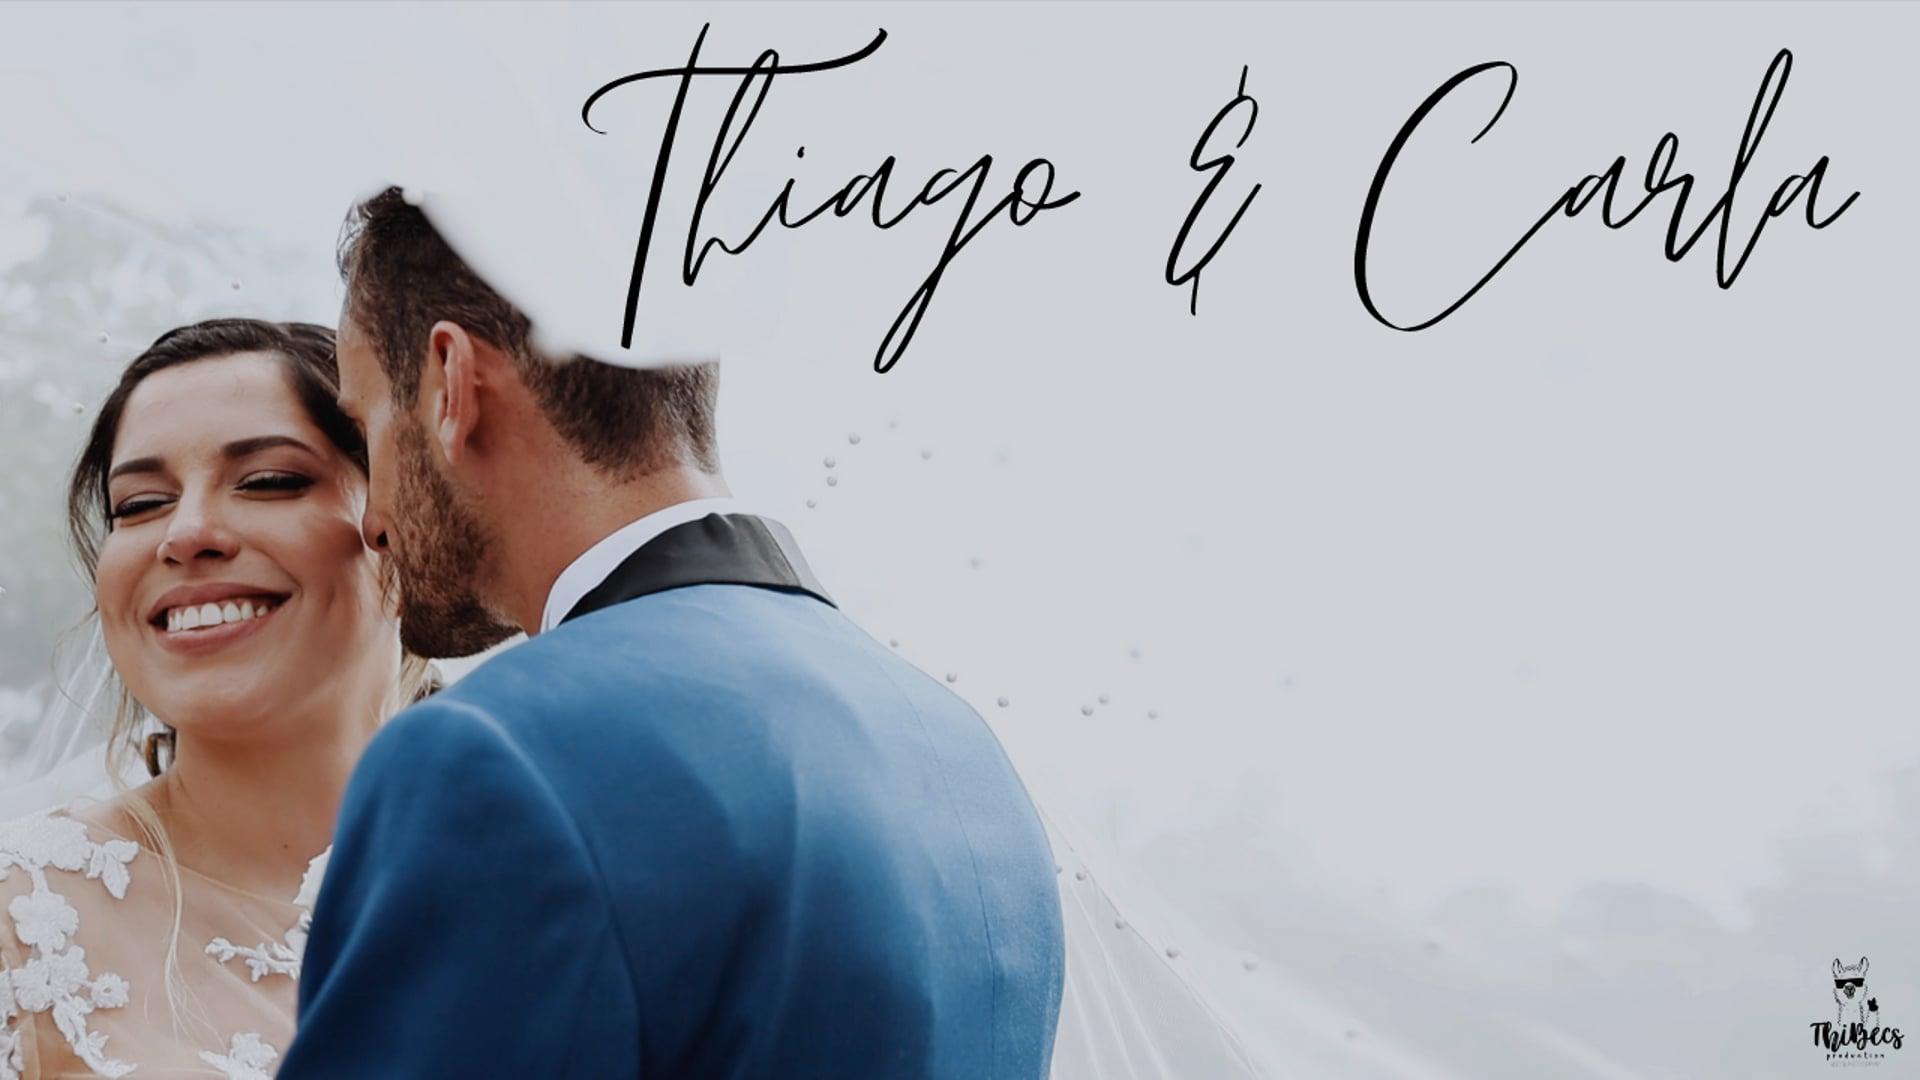 Carla & Thiago | Wedding Highlight Video | Topsfield , MA